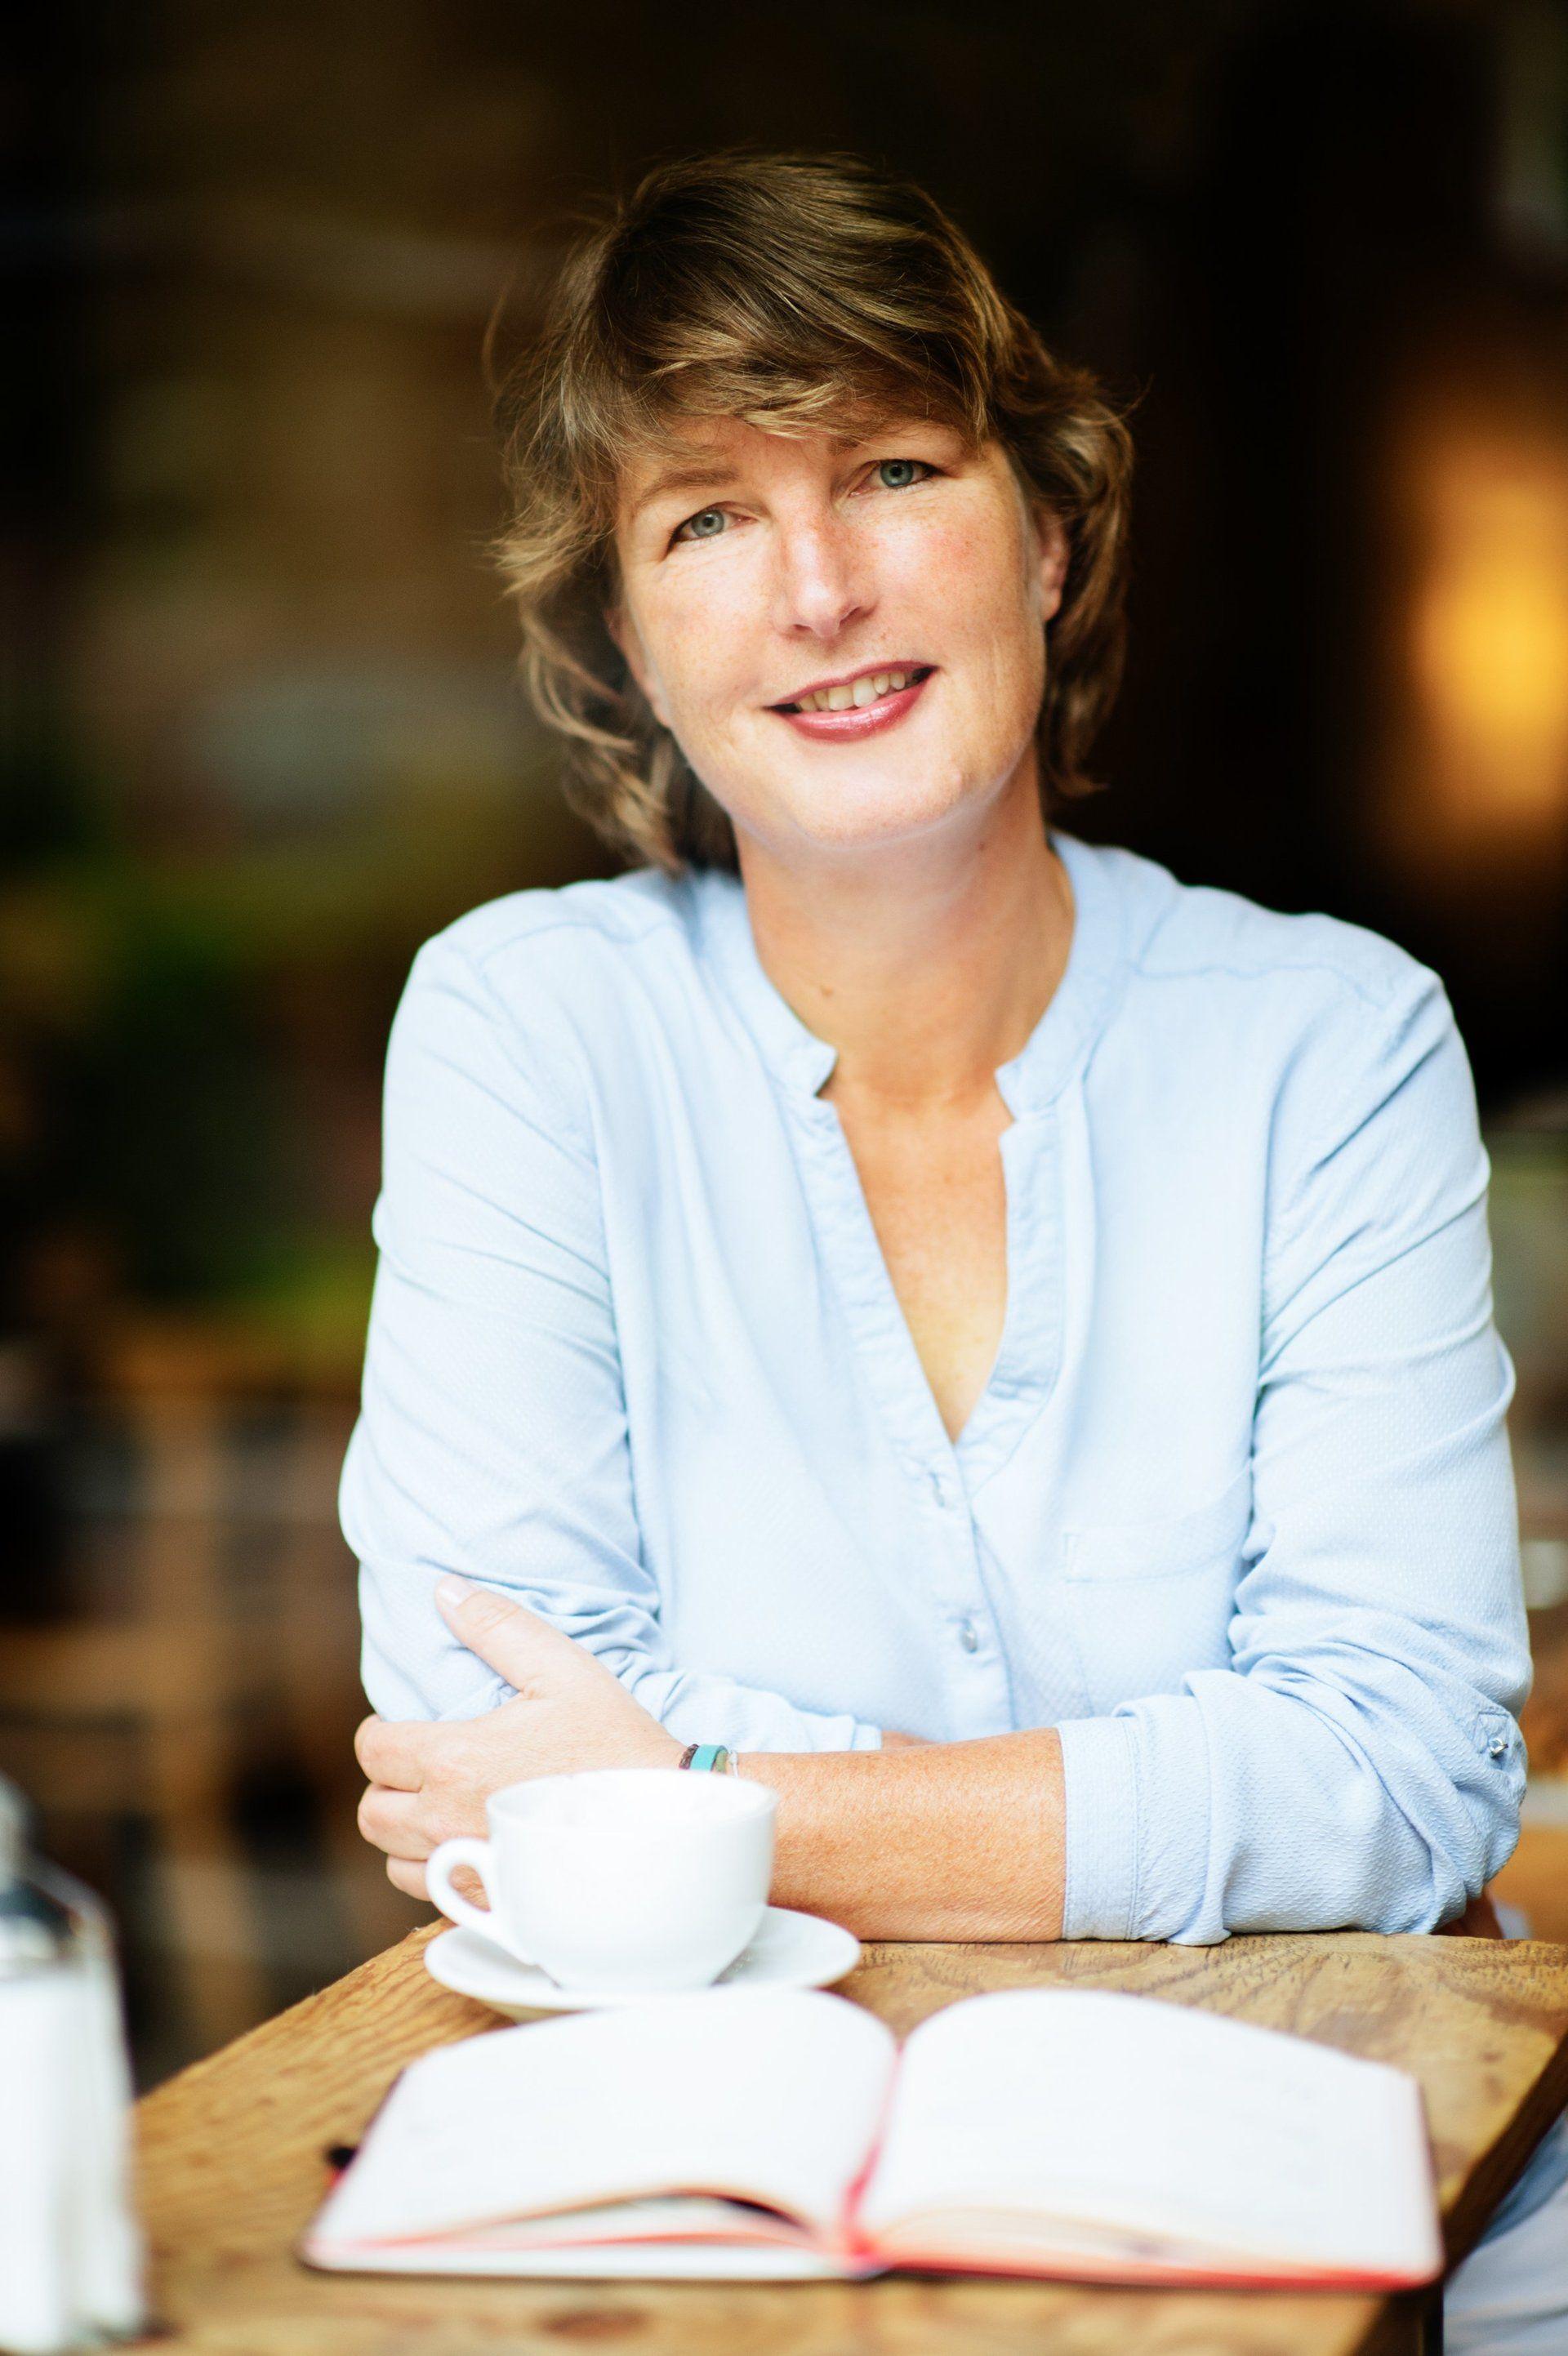 Silke Klees Coaching - Get real - Heidelberg